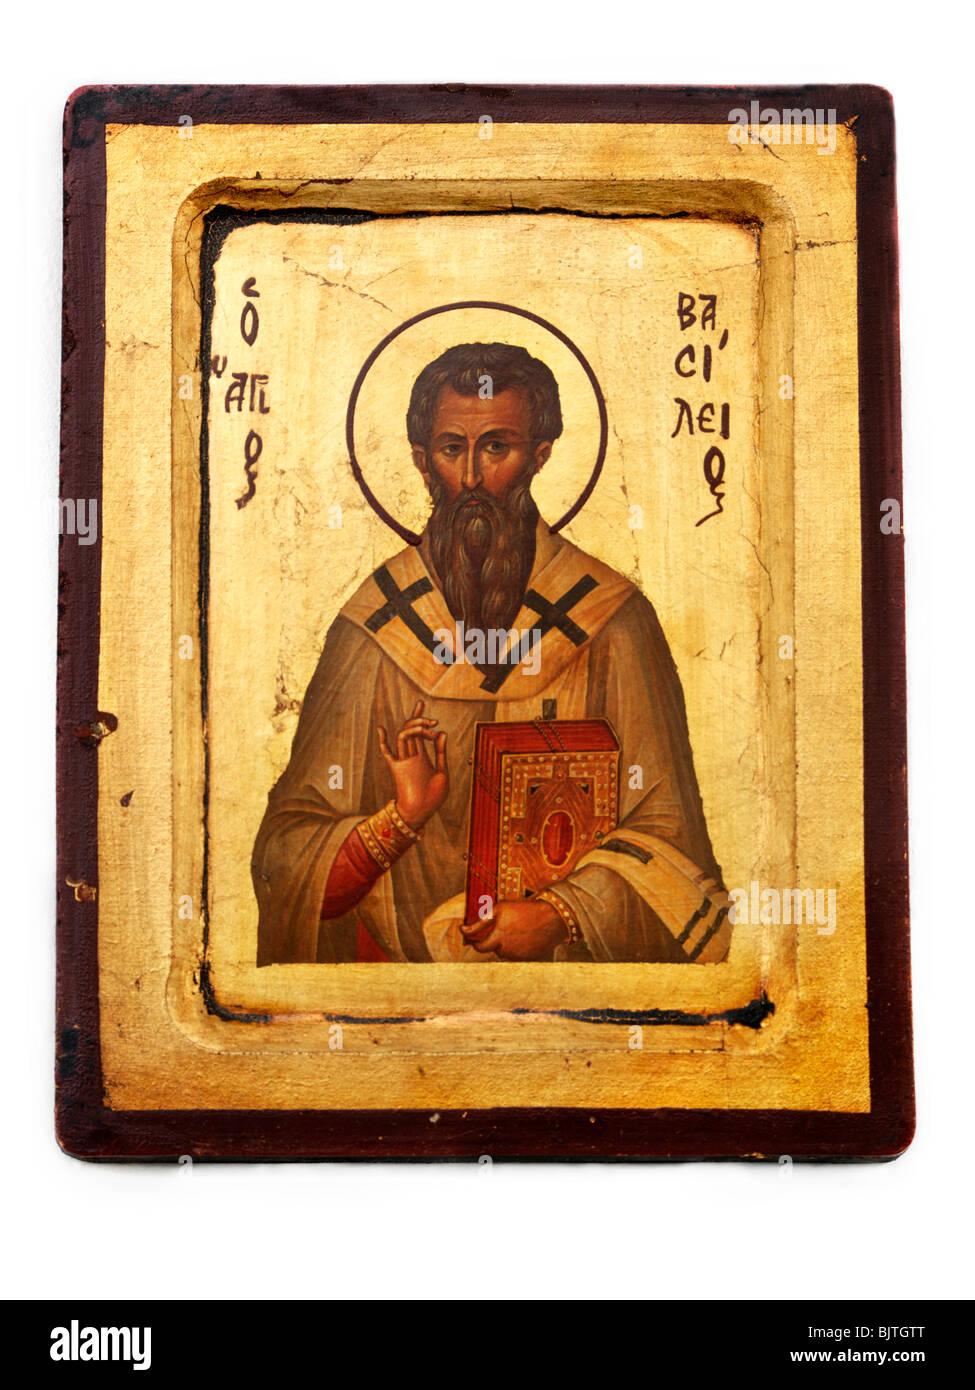 Griechische orthodoxe byzantinische Ikone des heiligen Basilius Stockbild